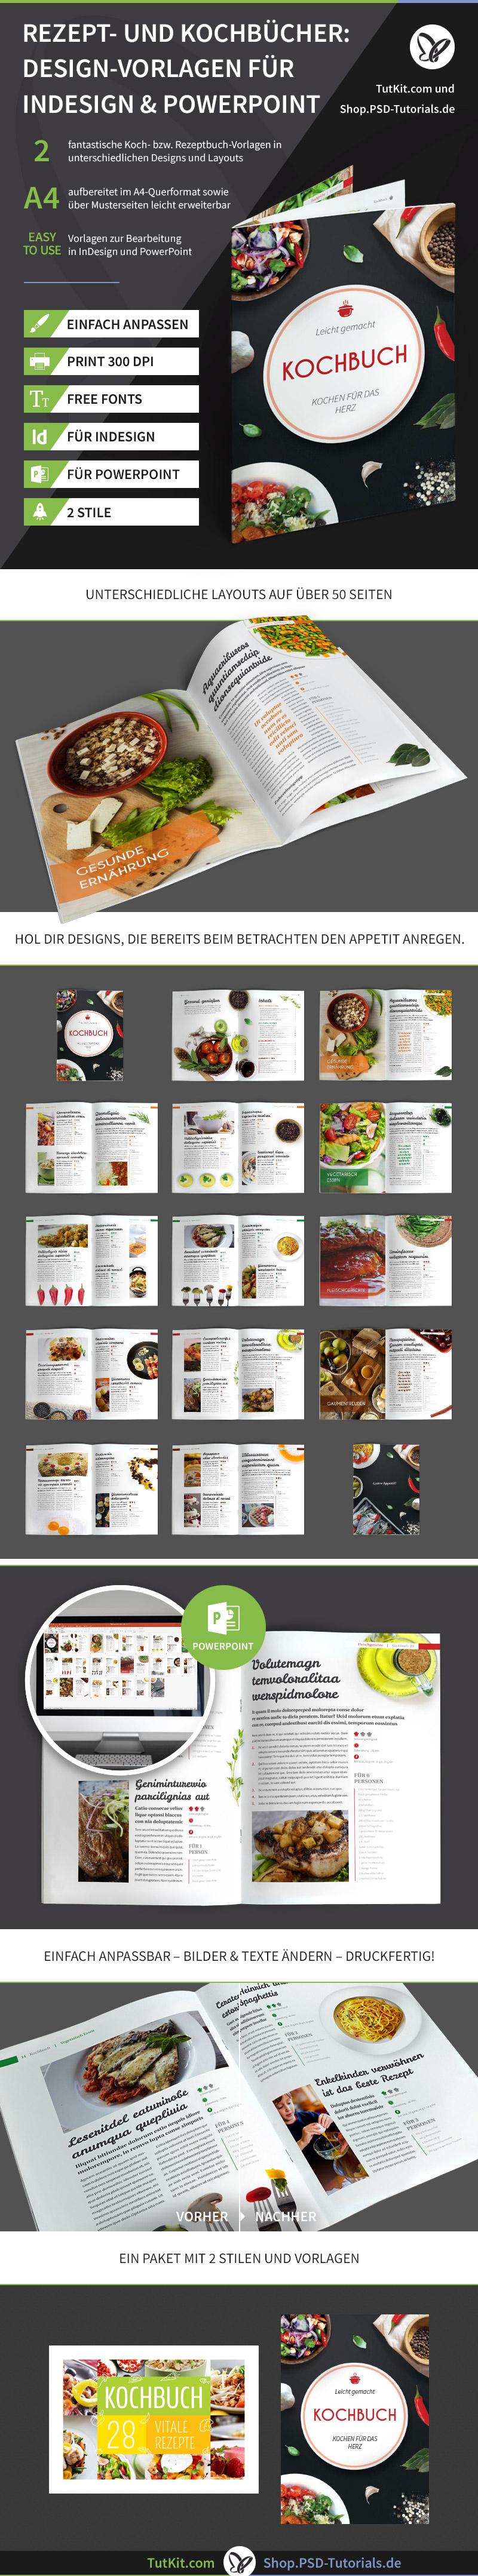 Überblick über die Design-Vorlagen für Rezept- und Kochbücher